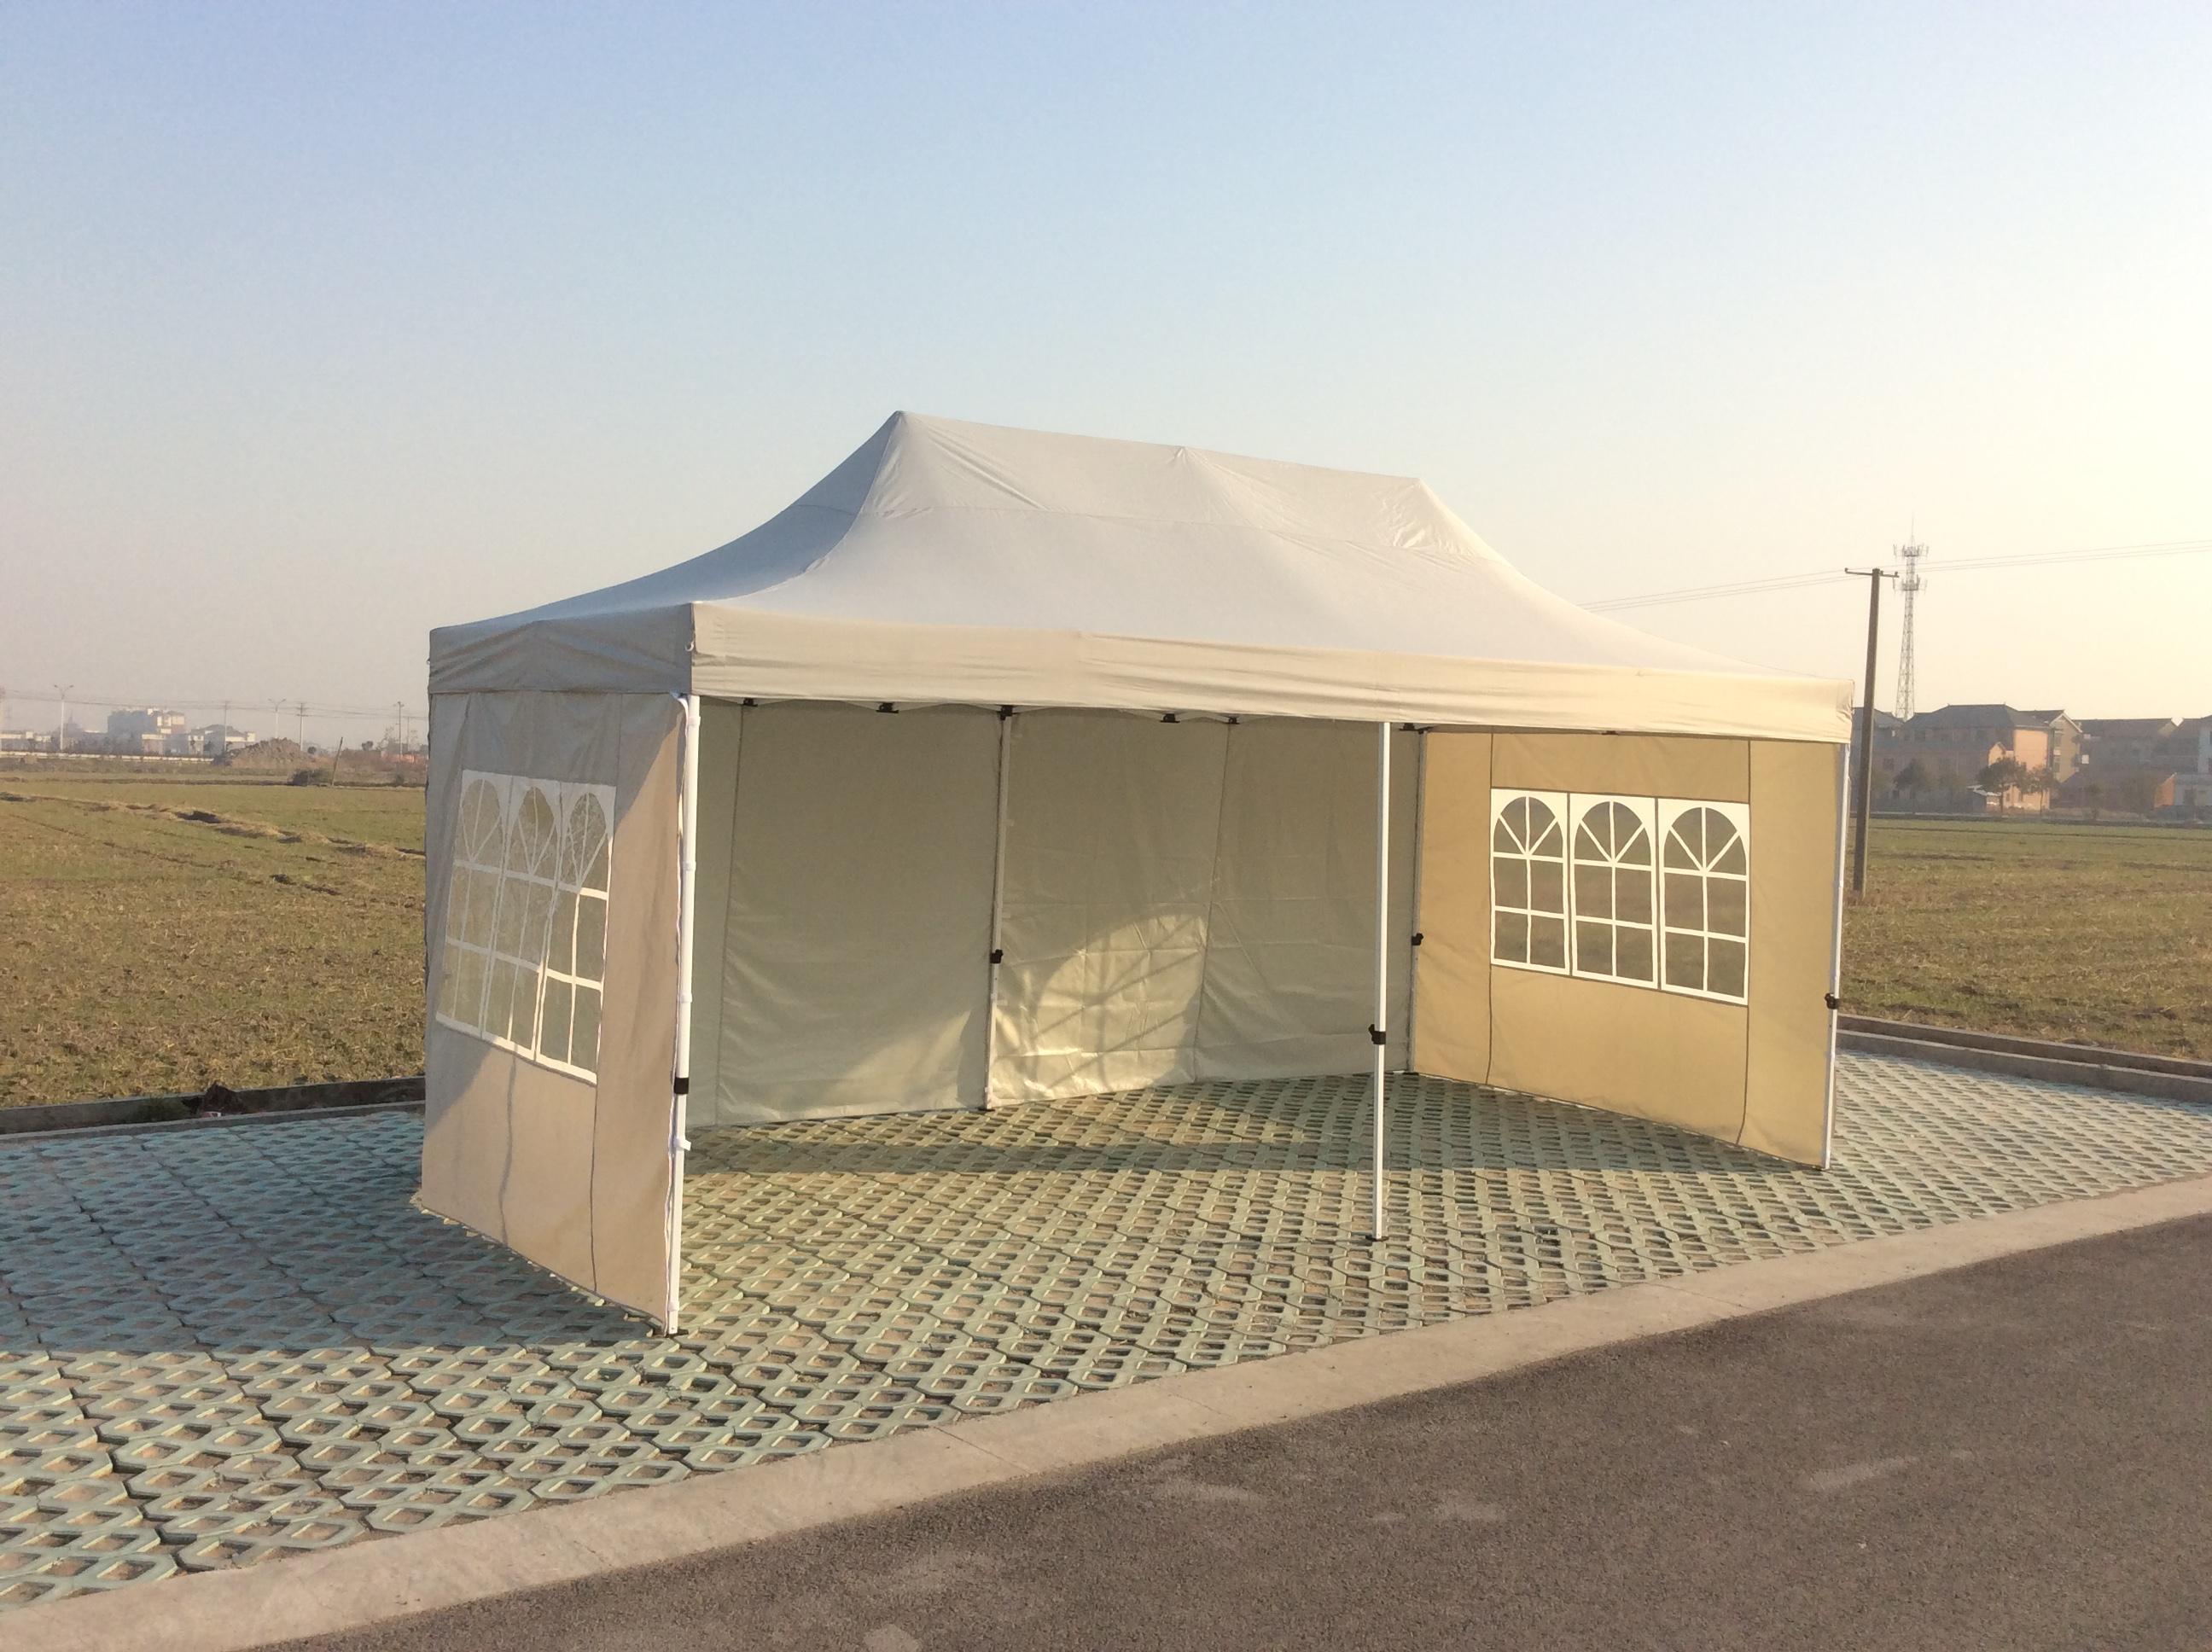 Pavillon foldbare 6x3m lys grå, køb din nye Pavillon foldbare 6x3m lys grå på www.moreland.dk